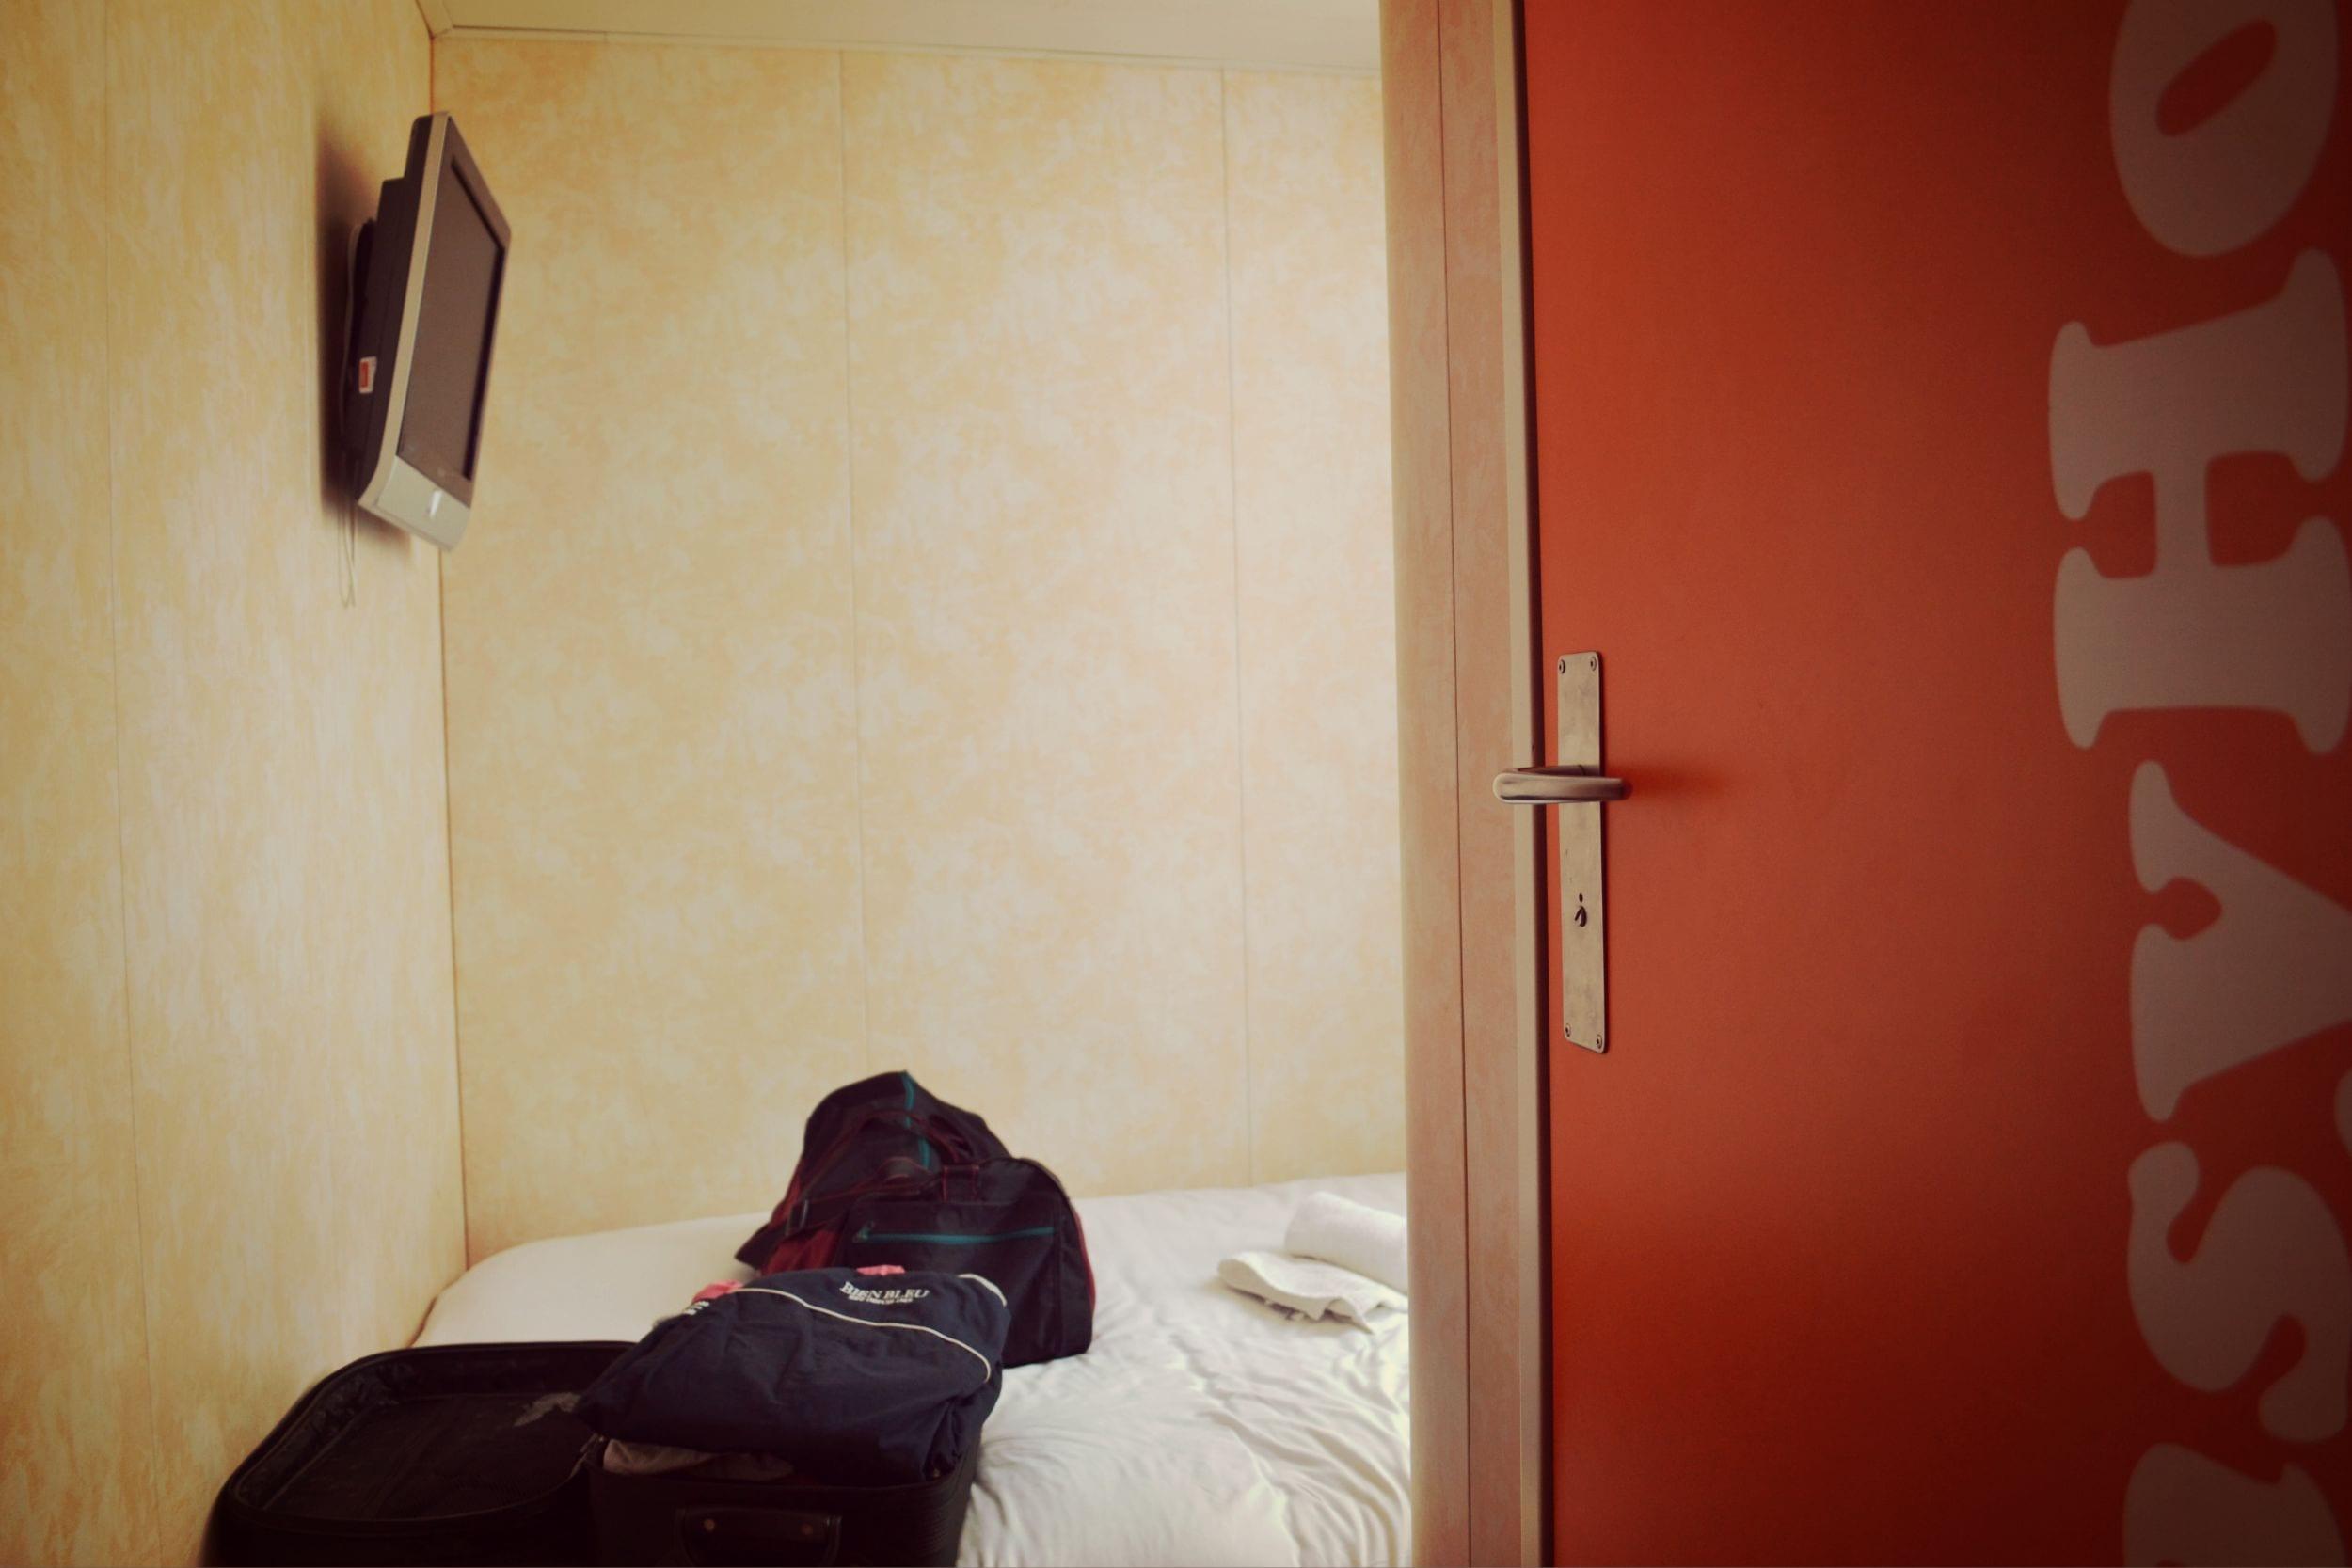 Das Zimmer des Easyhotels erfüllt seinen Zweck und ist dabei sauber und gemütlich